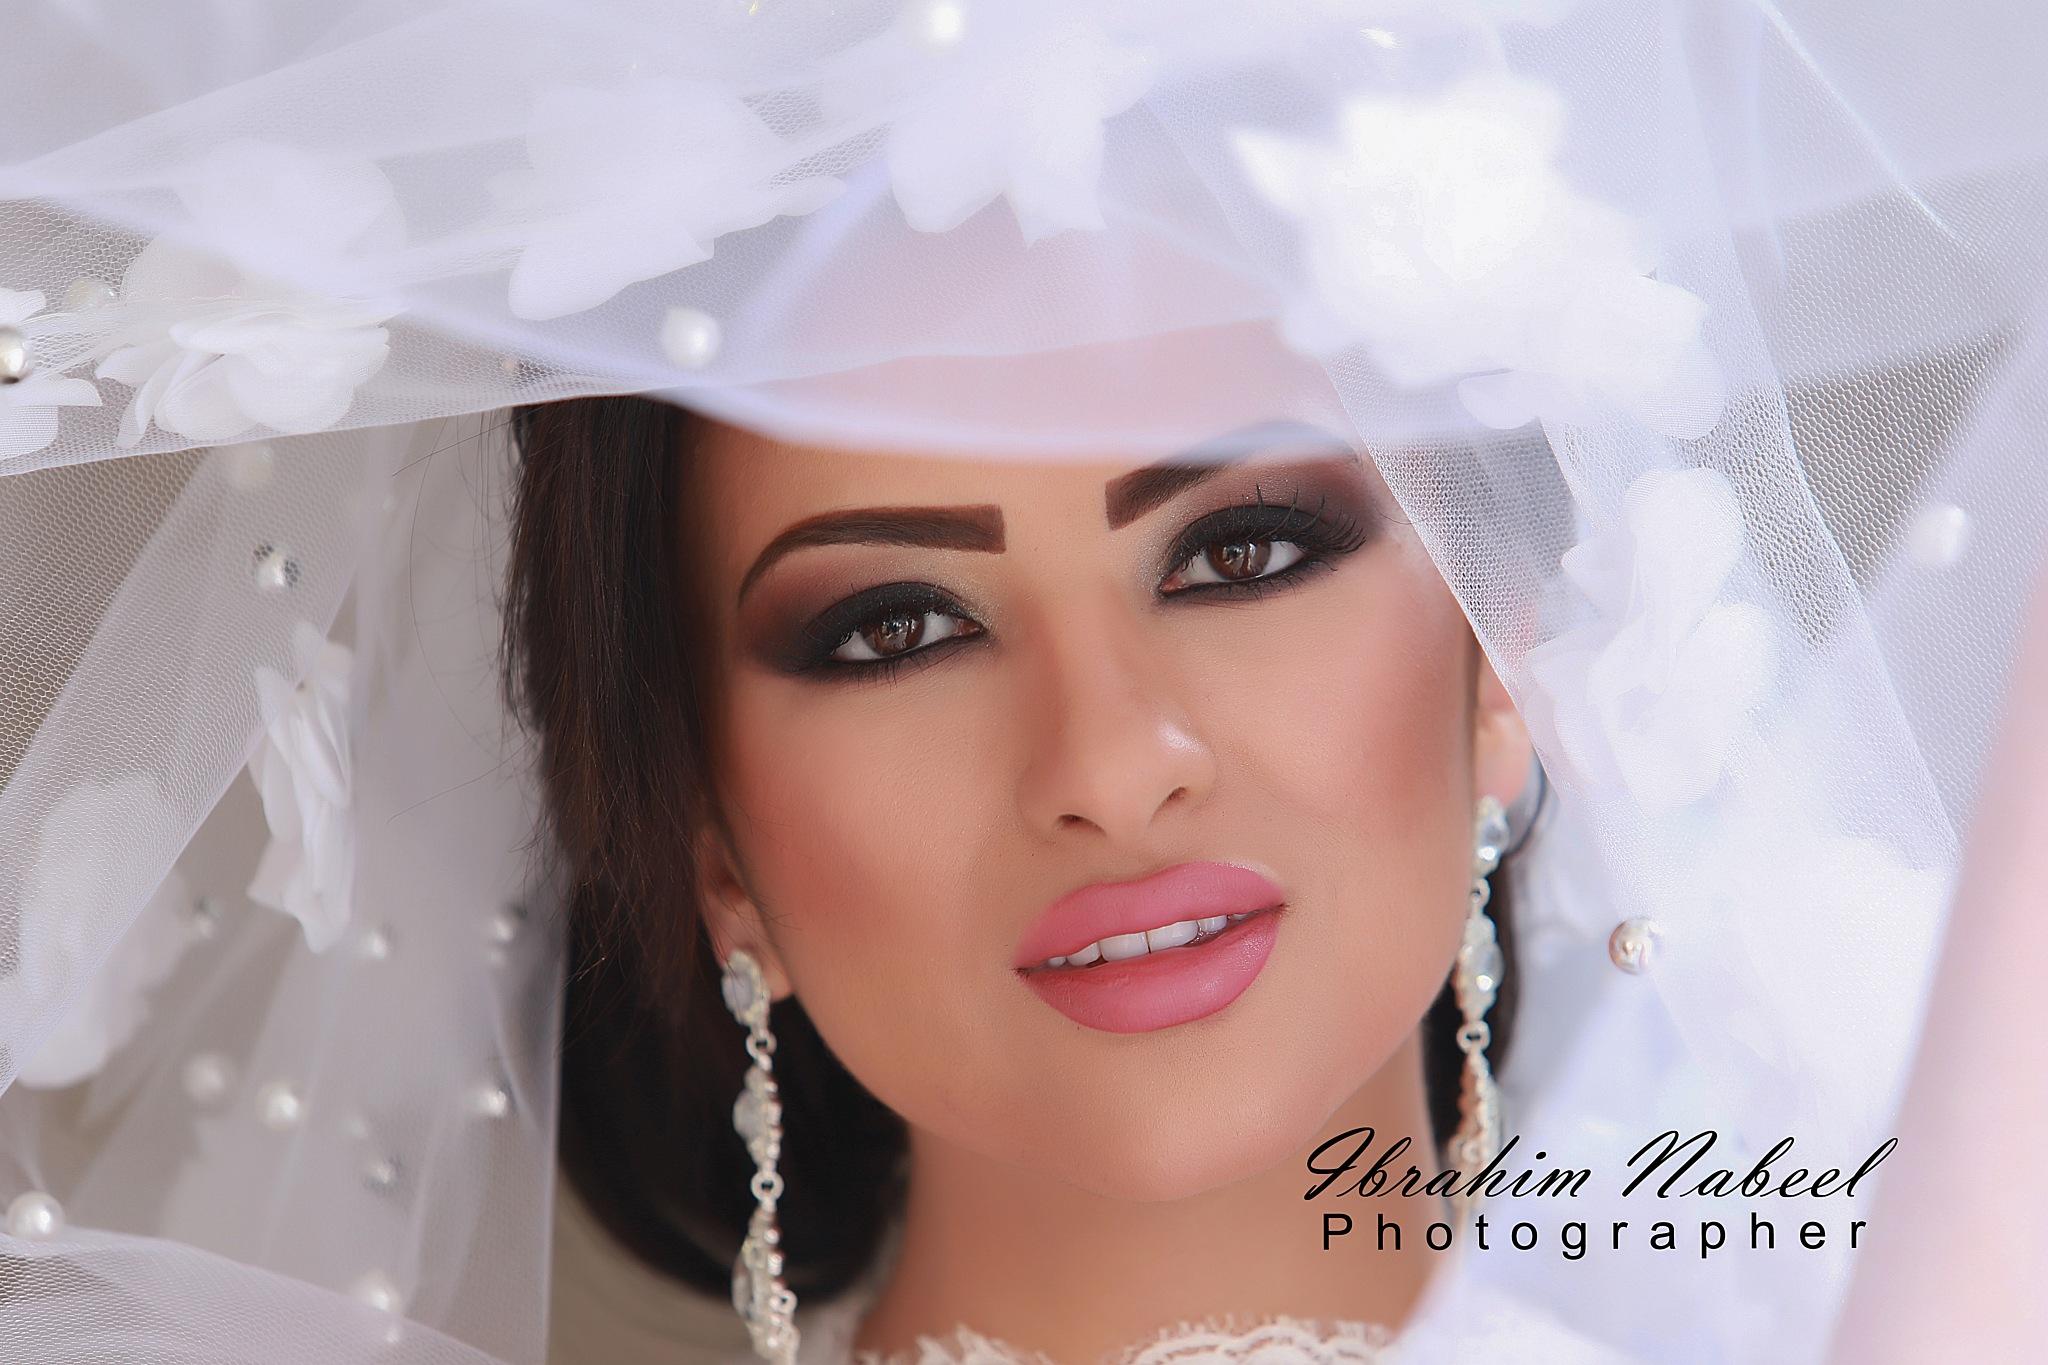 Wedding by Ibrahim Nabeel